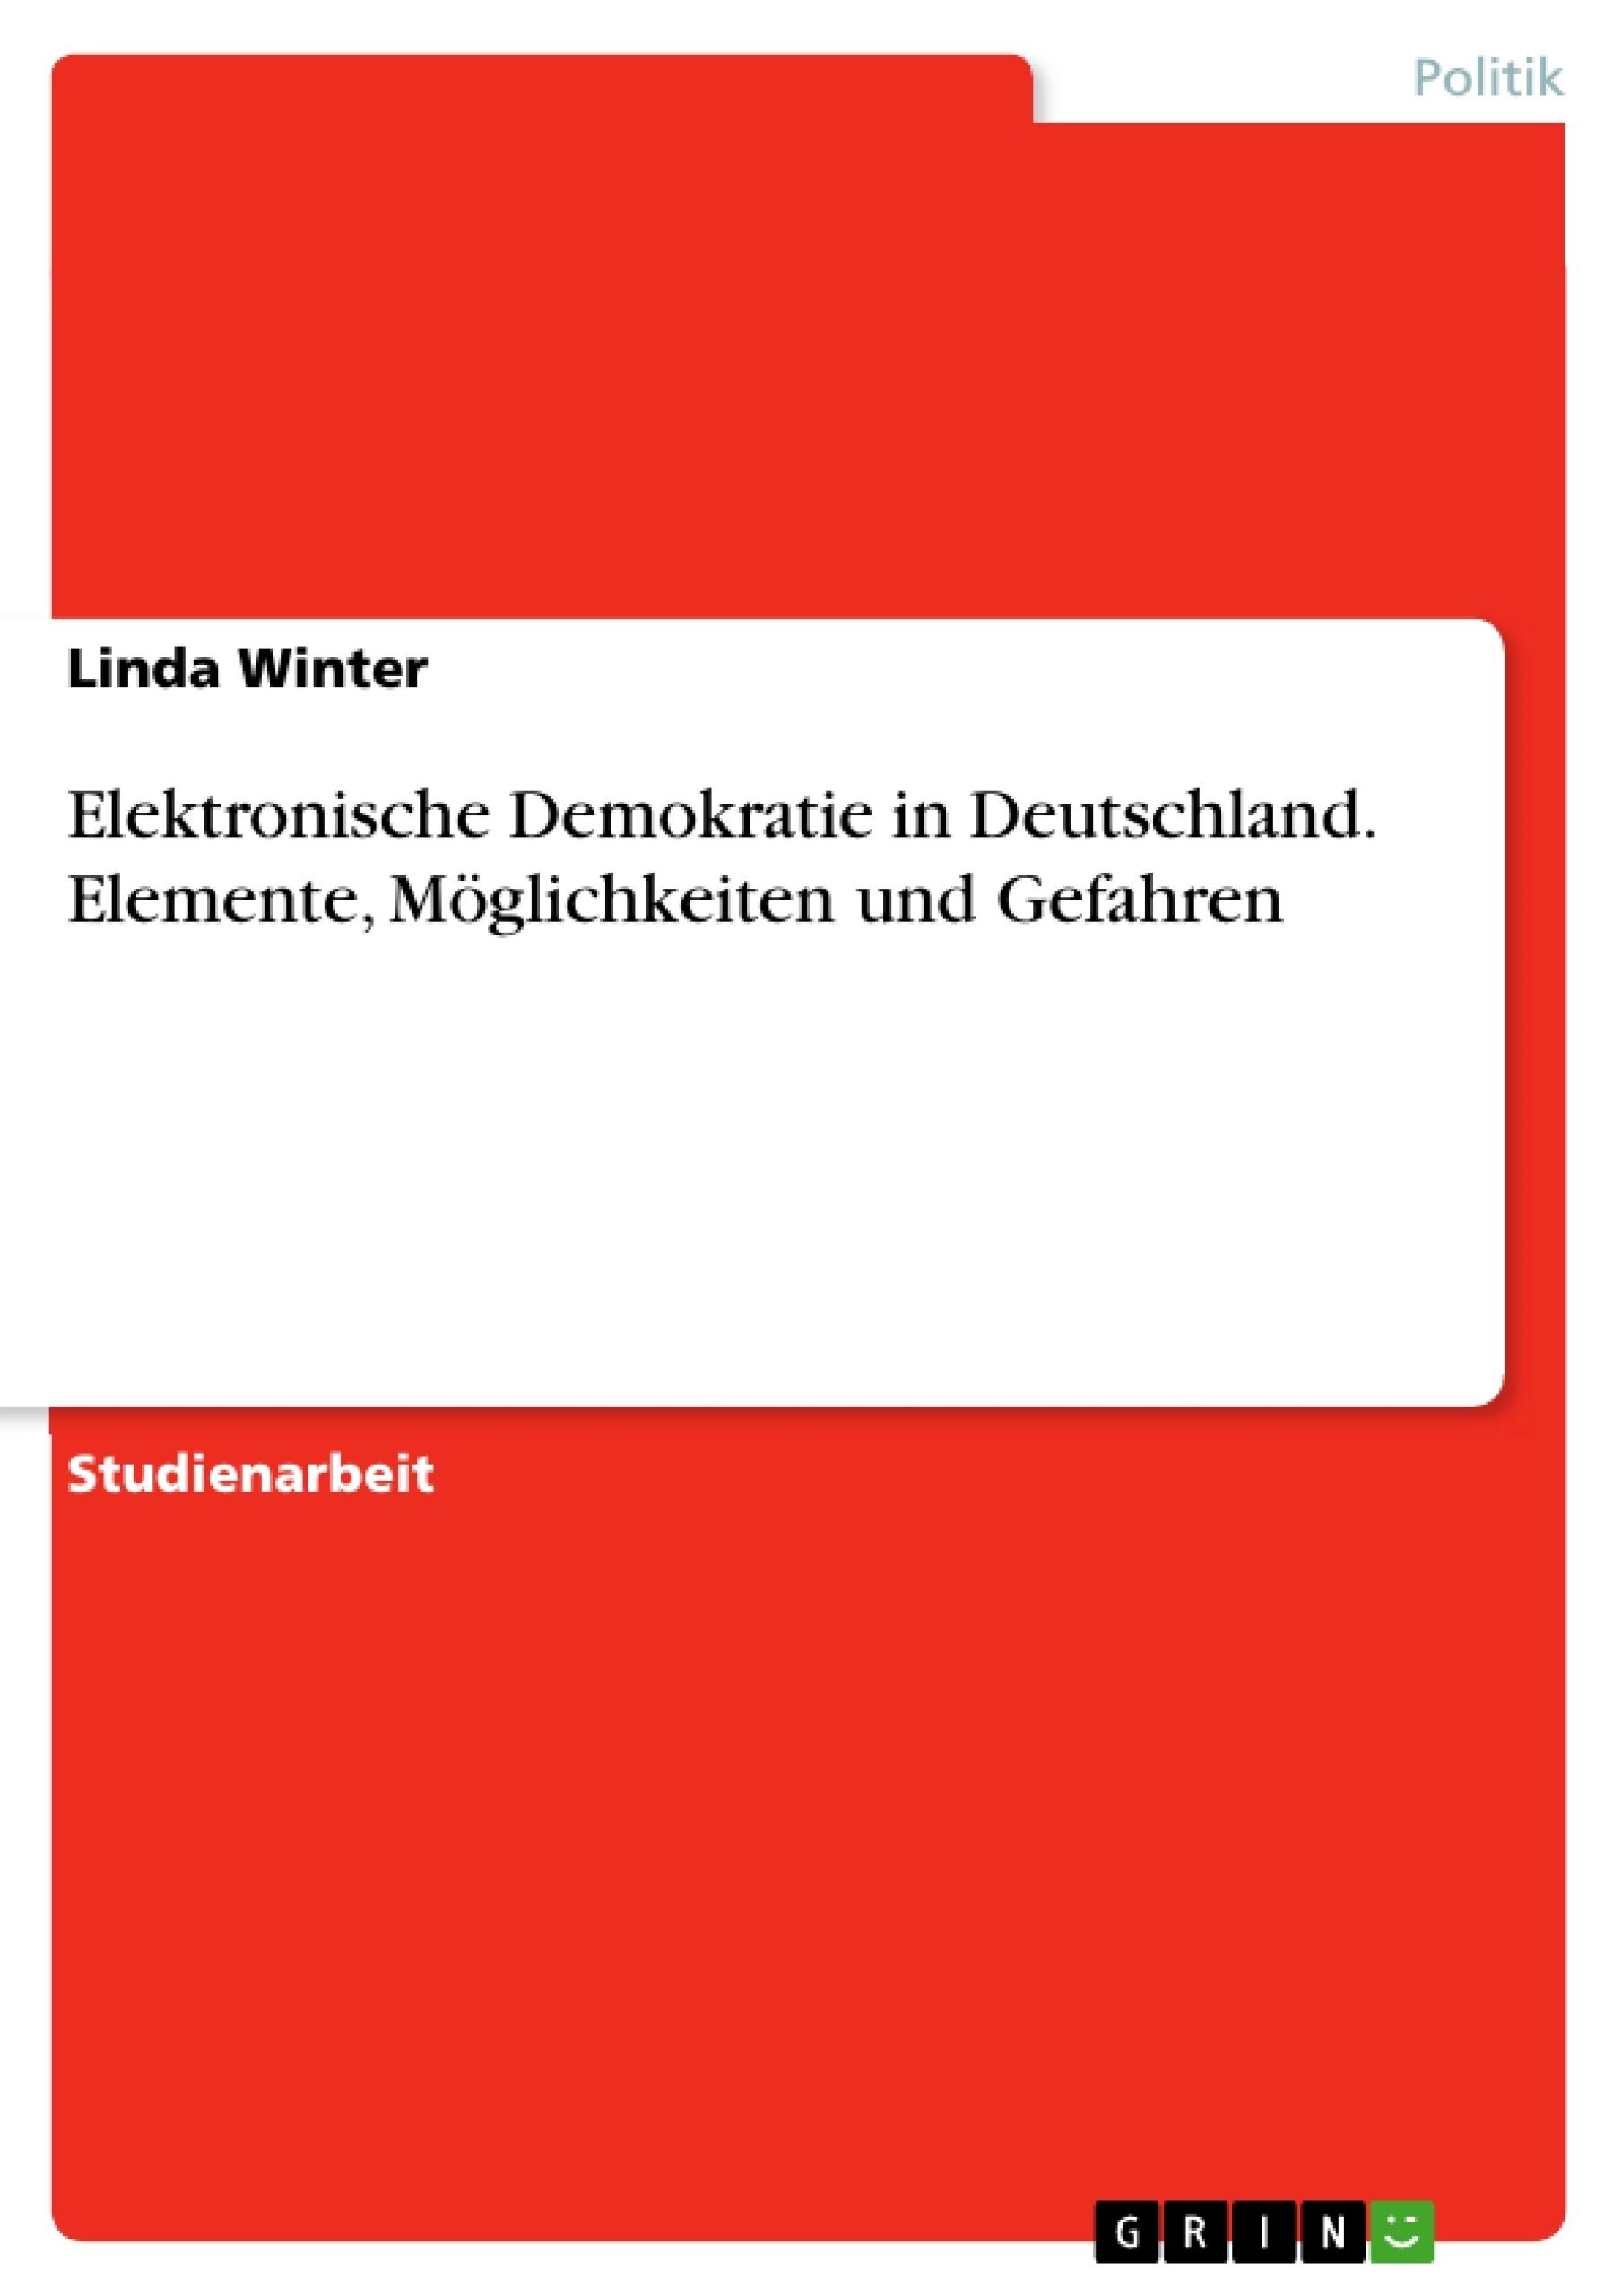 Titel: Elektronische Demokratie in Deutschland. Elemente, Möglichkeiten und Gefahren